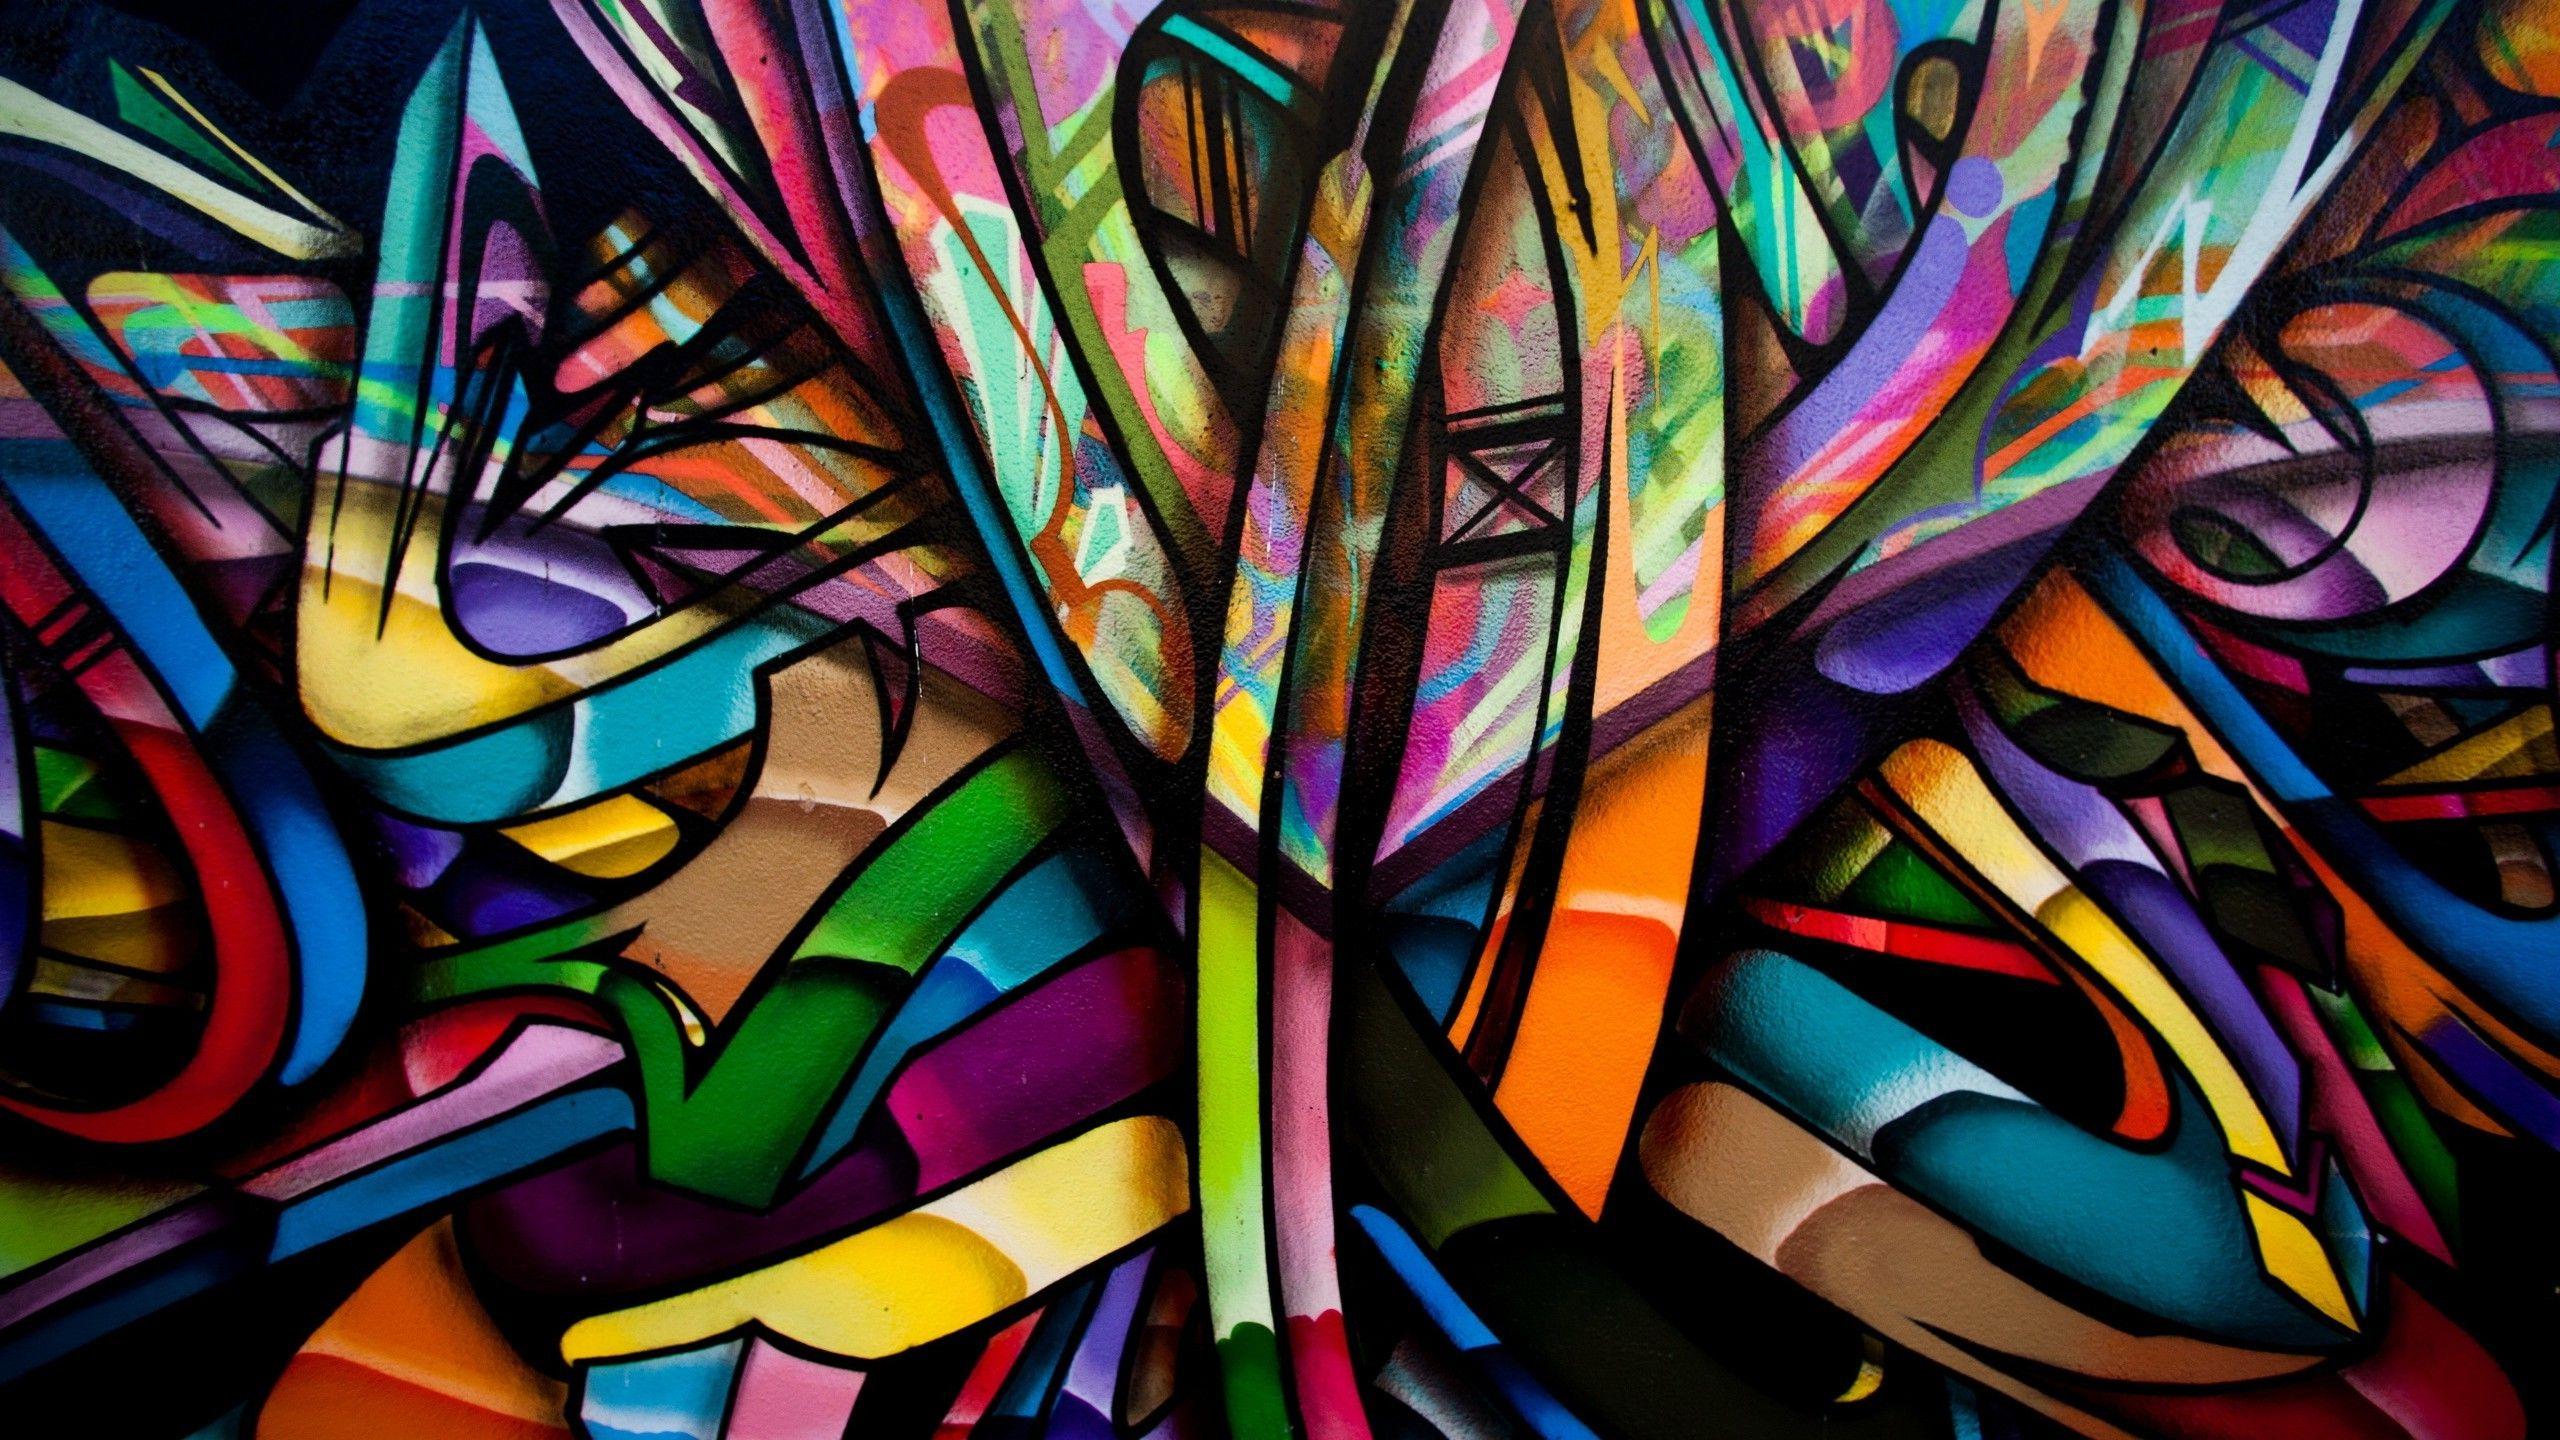 abstract colorful graffiti walls artwork painting